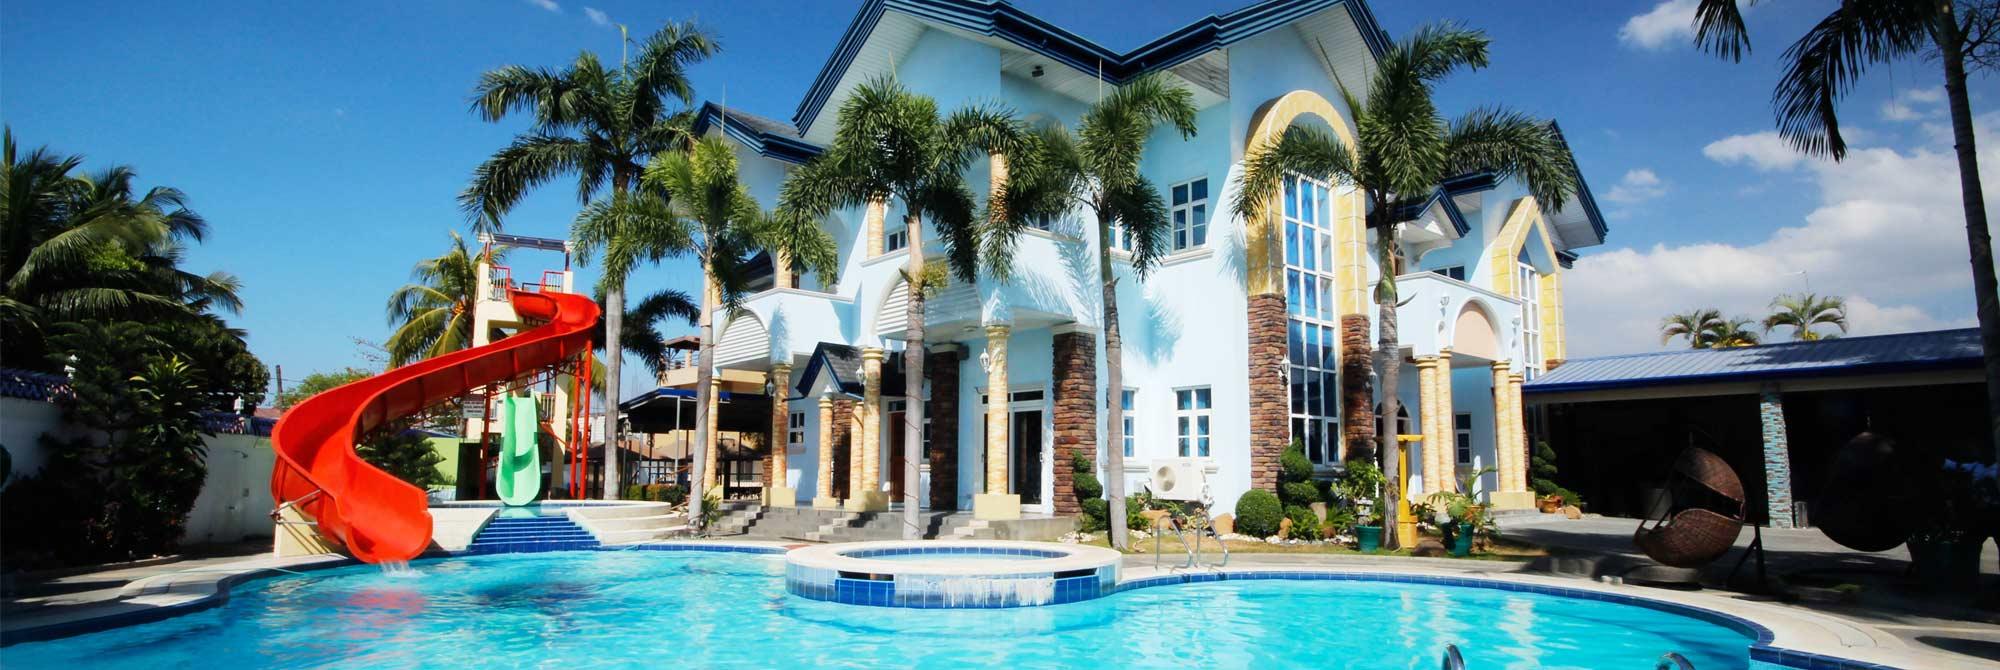 Villa Jhoana Resort Official Website Rizal Hotel